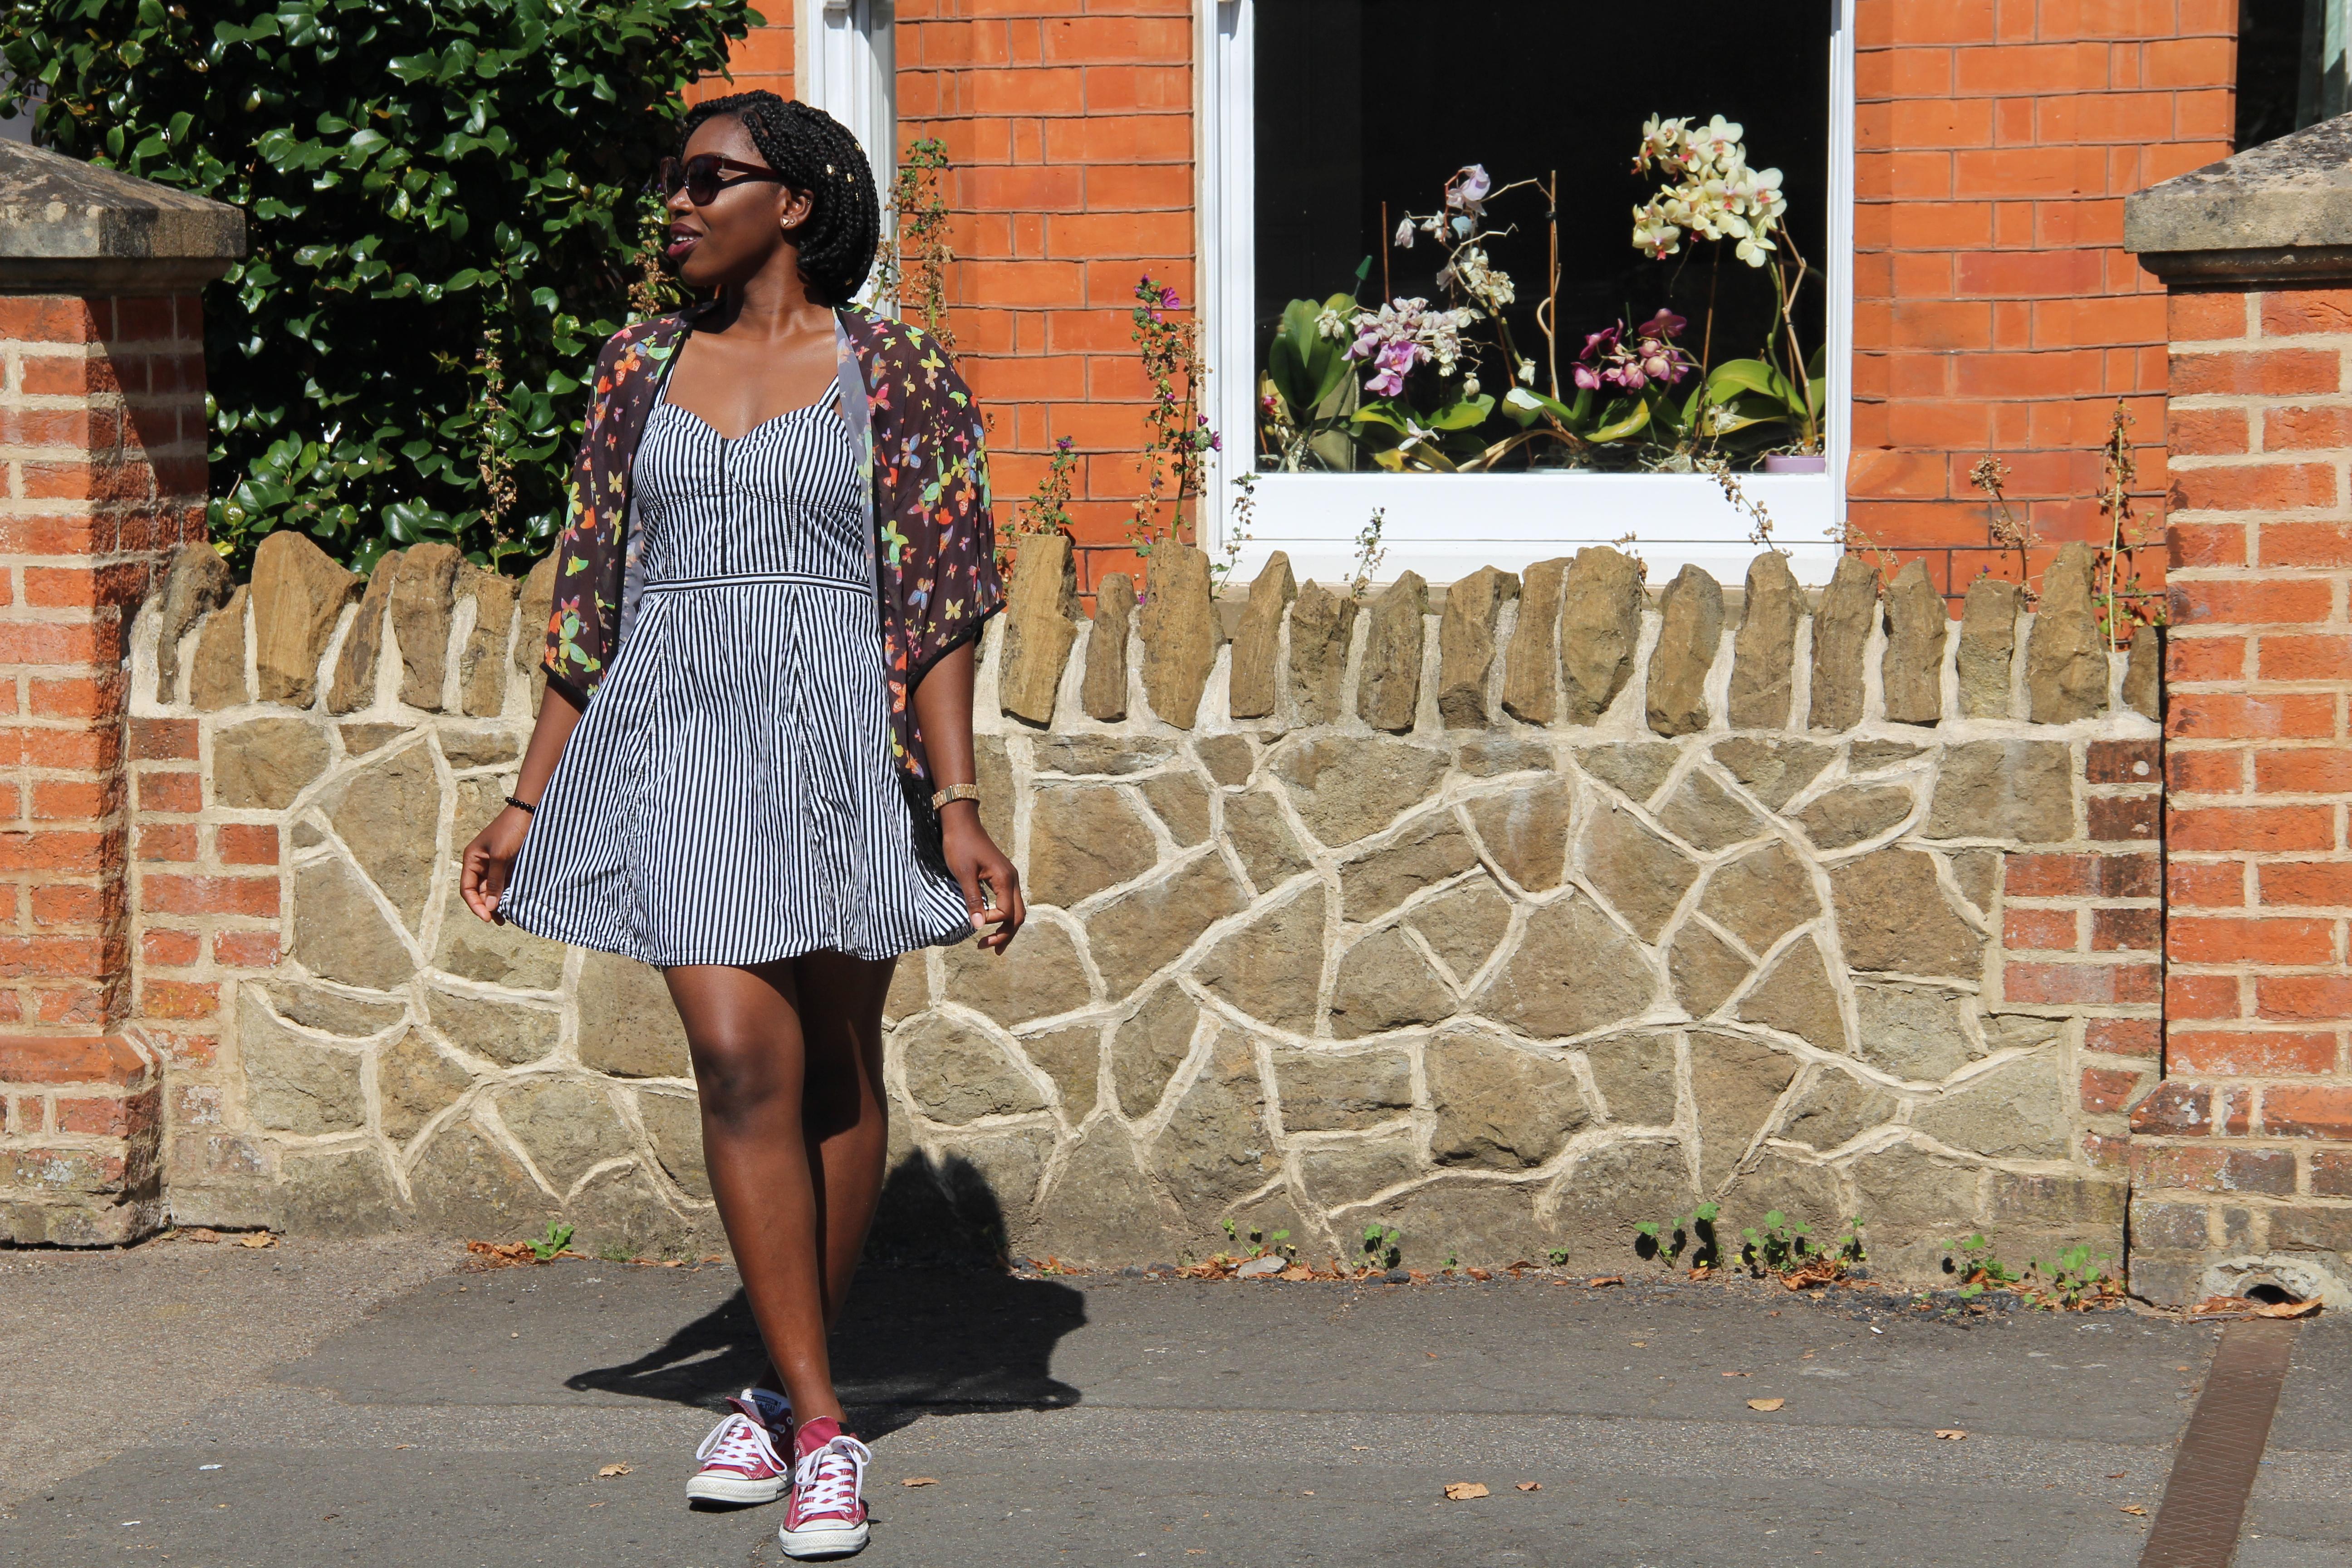 In My Little Striped Dress